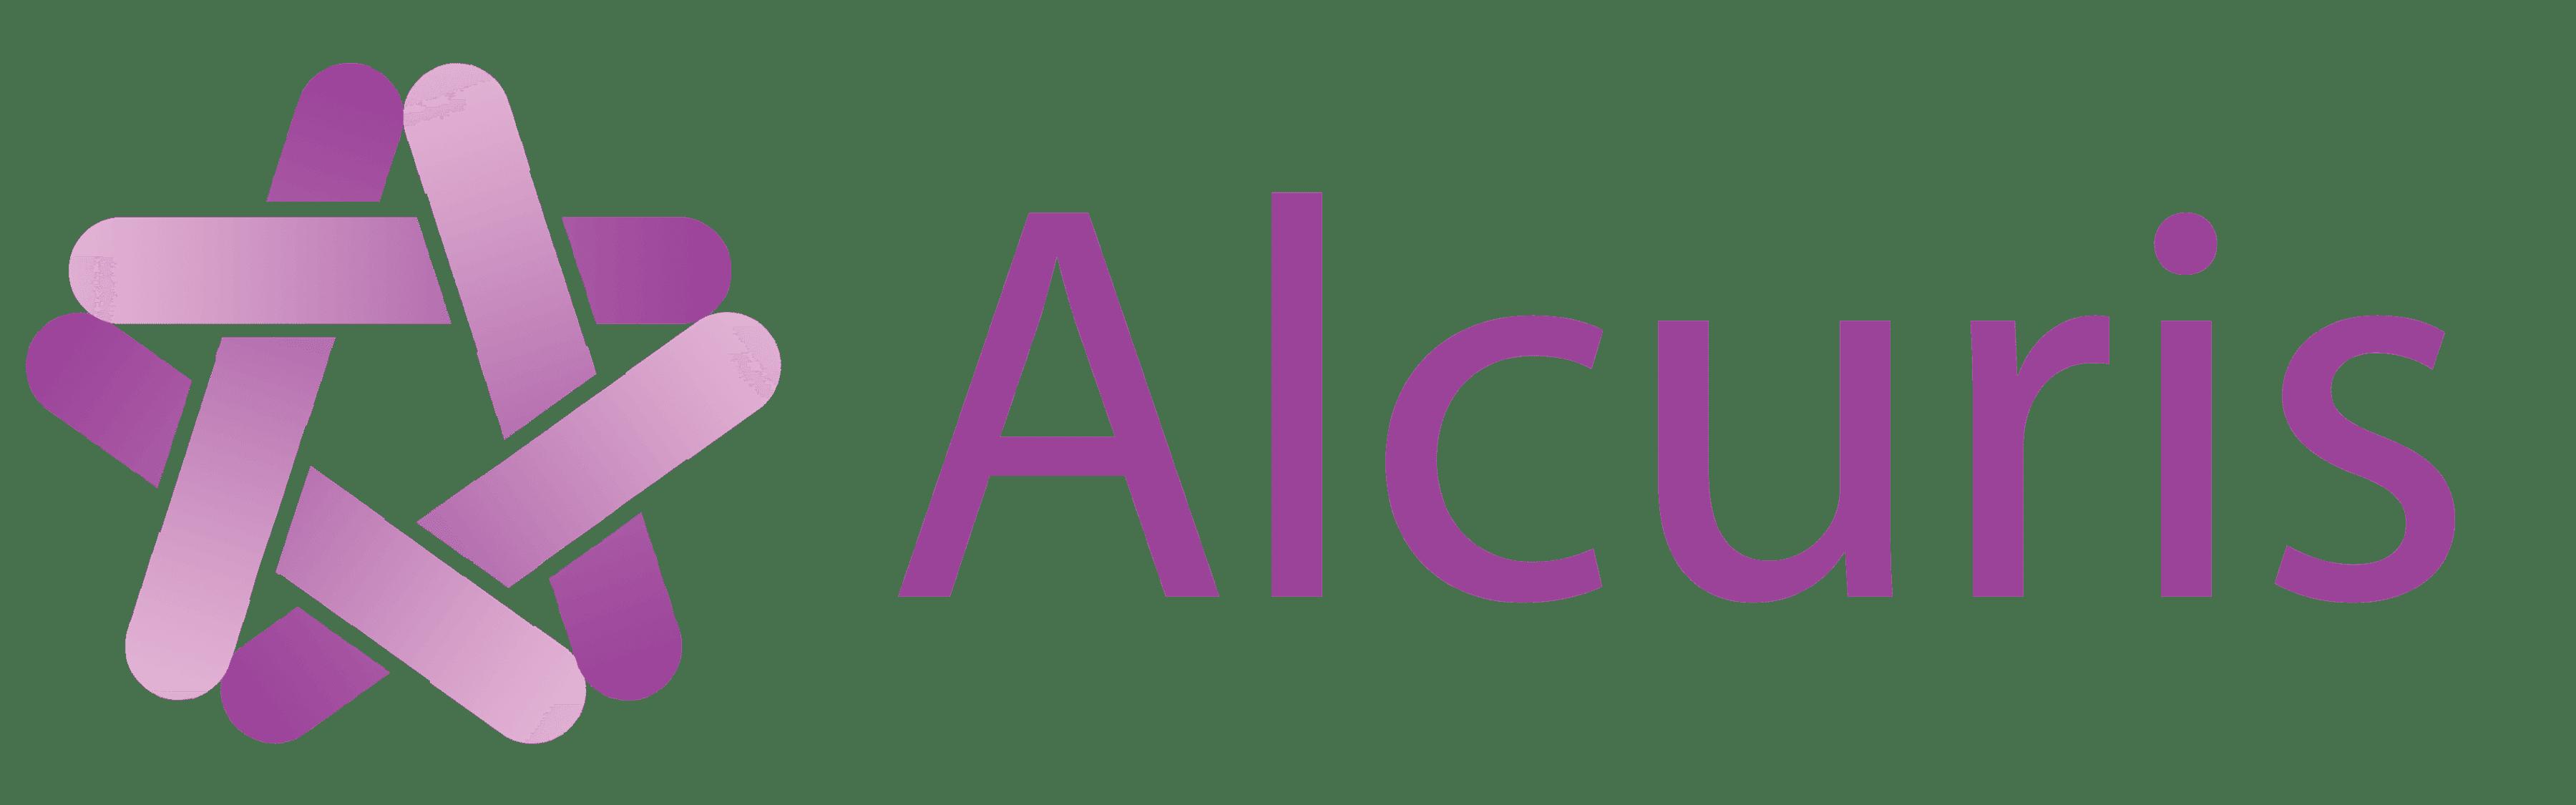 IoT Connectivity Advances Next Generation Telecare